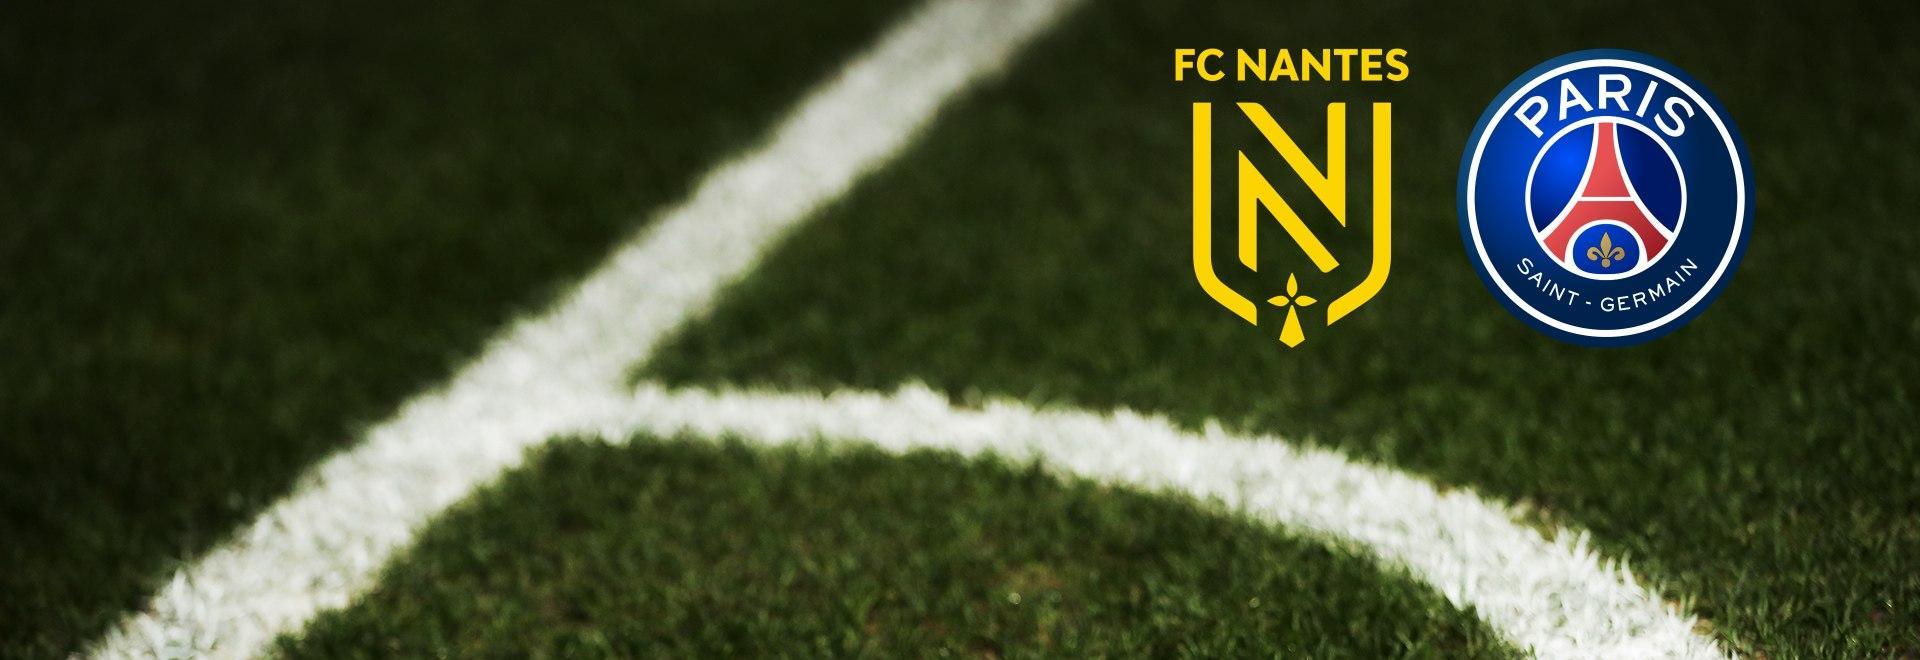 Nantes - PSG. 23a g.